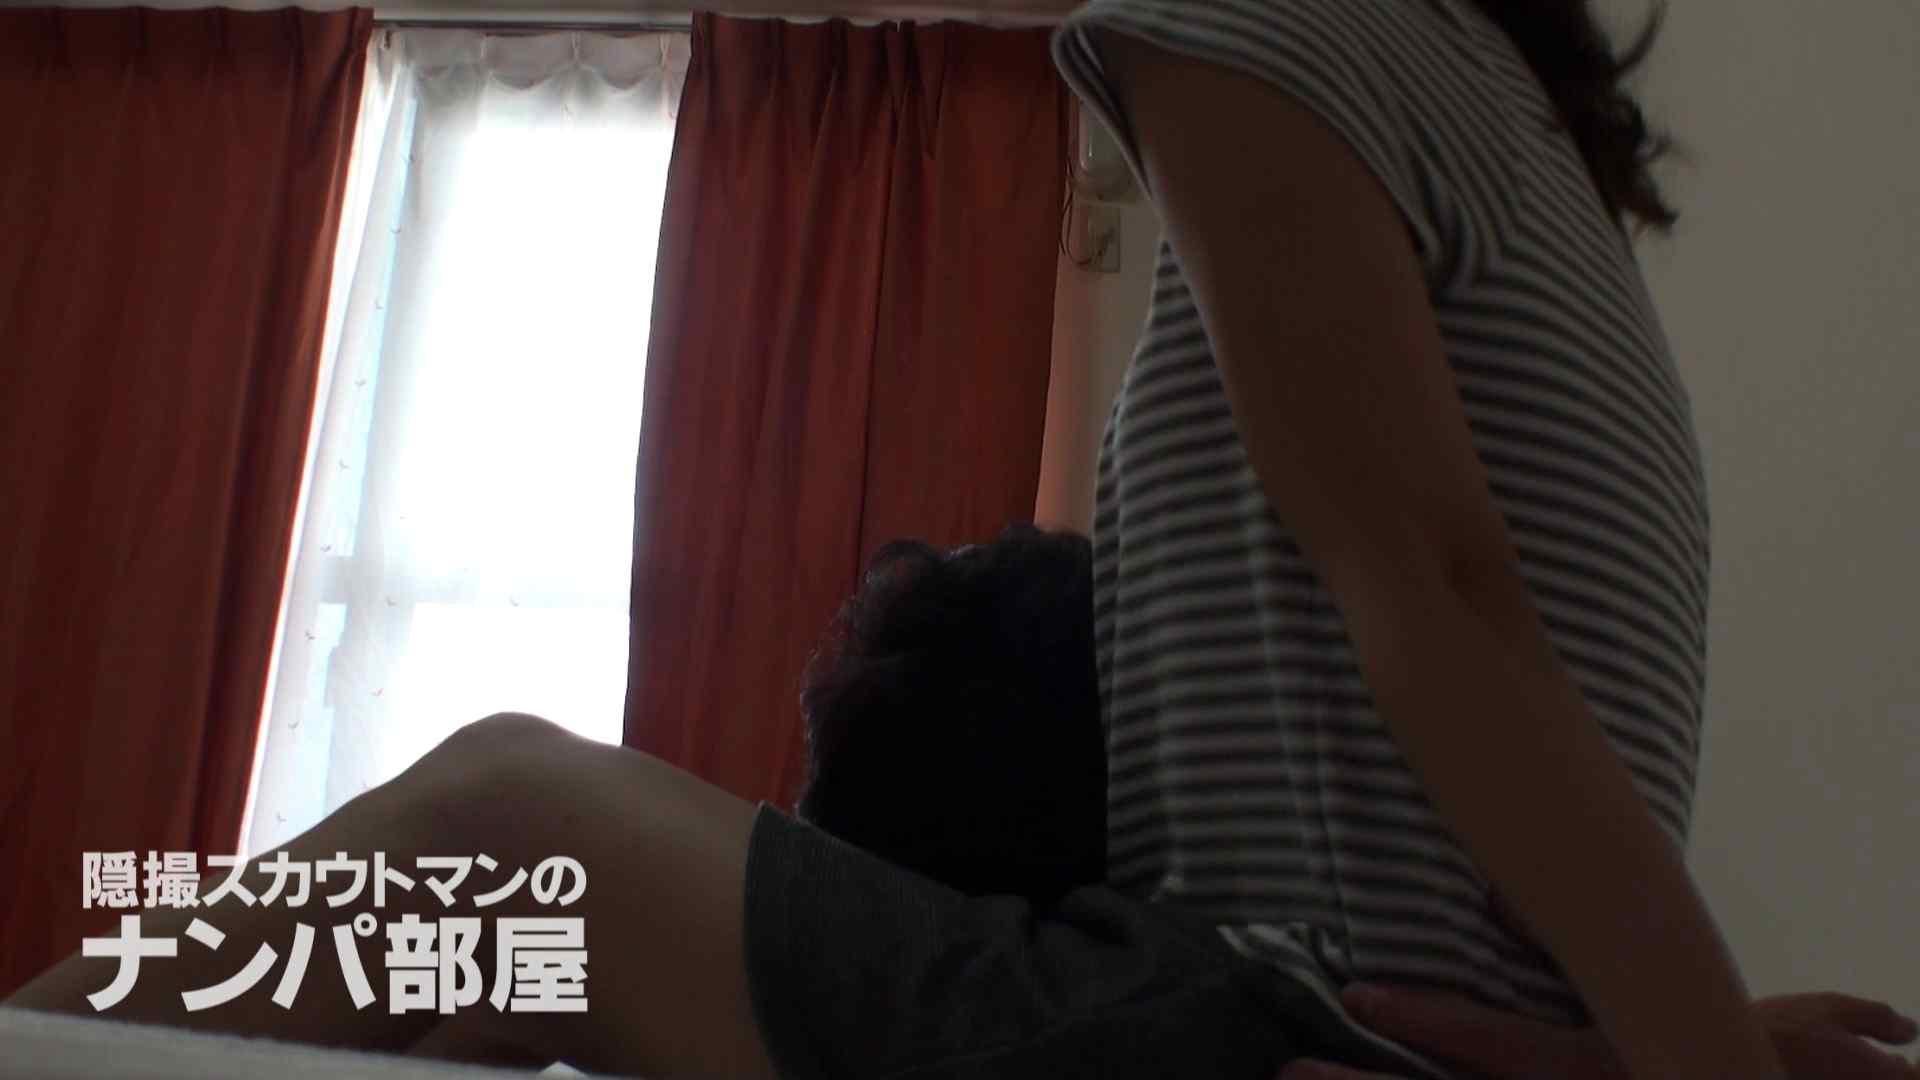 隠撮スカウトマンのナンパ部屋~風俗デビュー前のつまみ食い~ siivol.3 エッチなOL  74pic 44